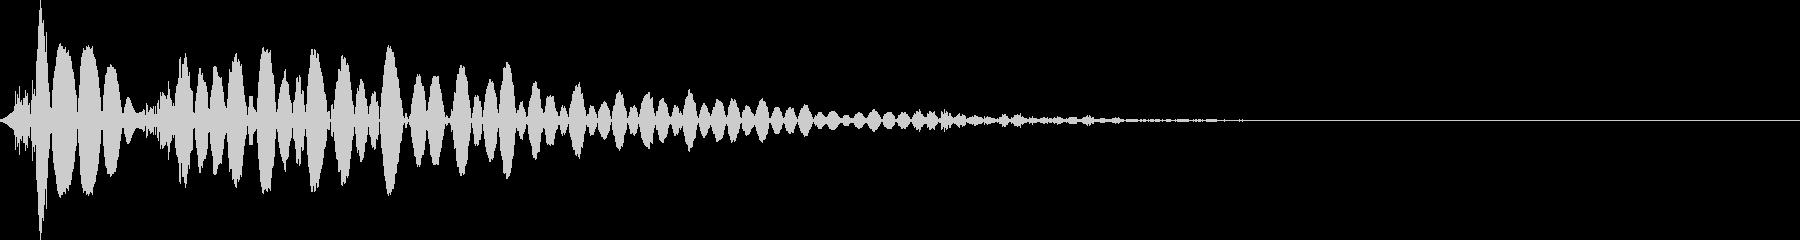 ポン(タッチ音・選択音)の未再生の波形